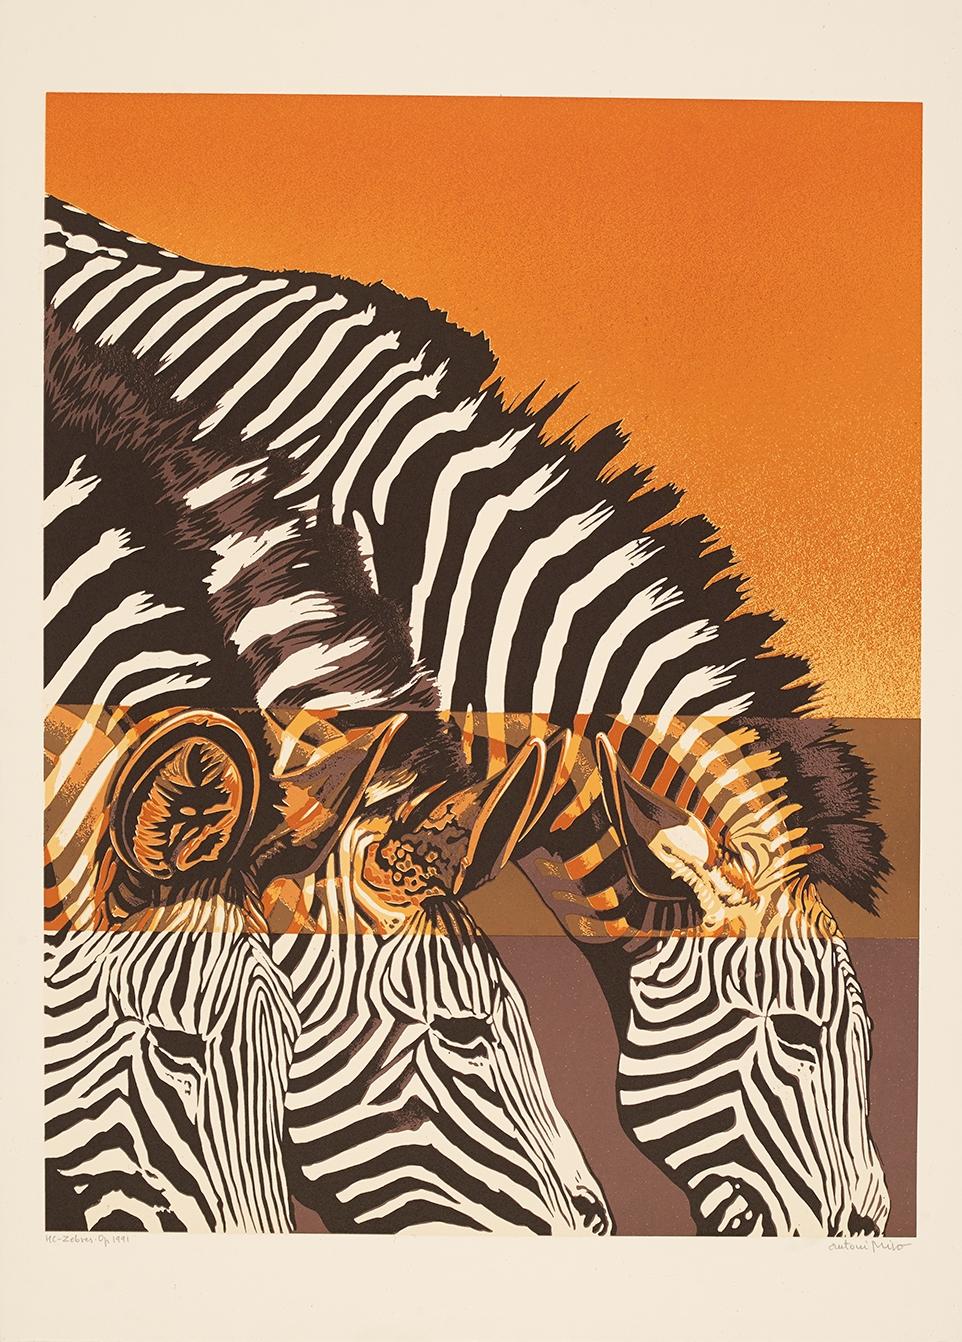 Zebres-Op [Cebras-Op]